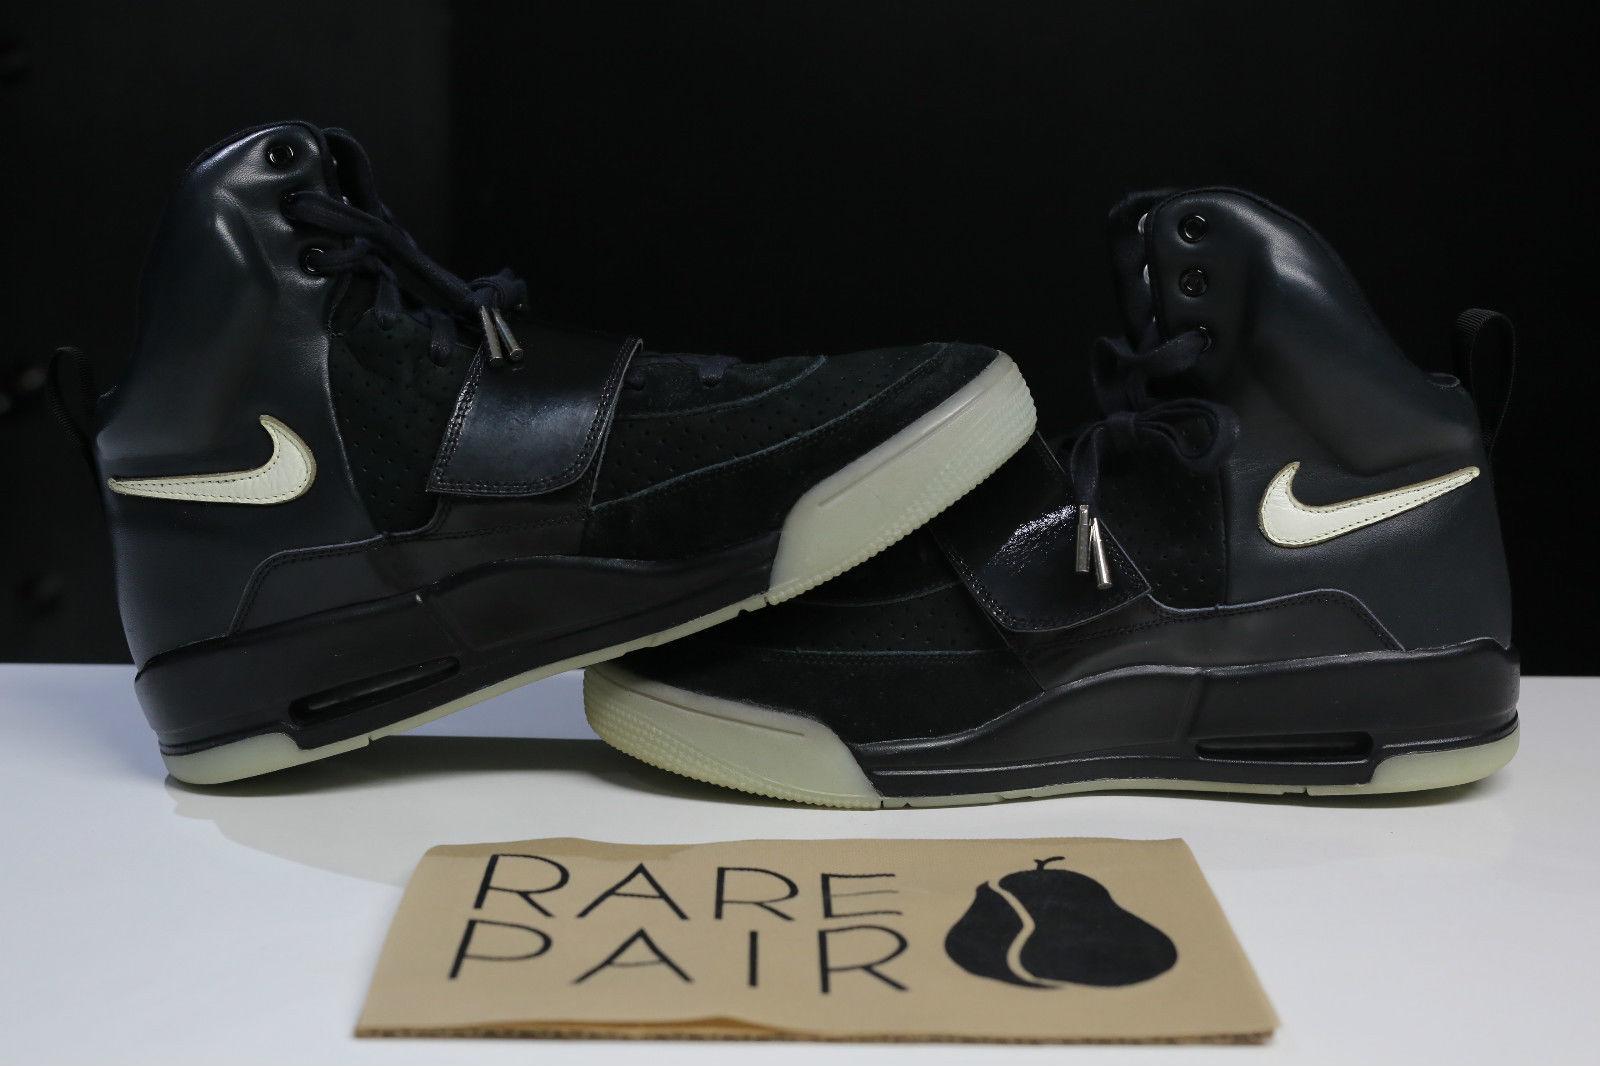 006aec76acdfc Nike Air Yeezy Kanye West Black White Sample Pair Medial